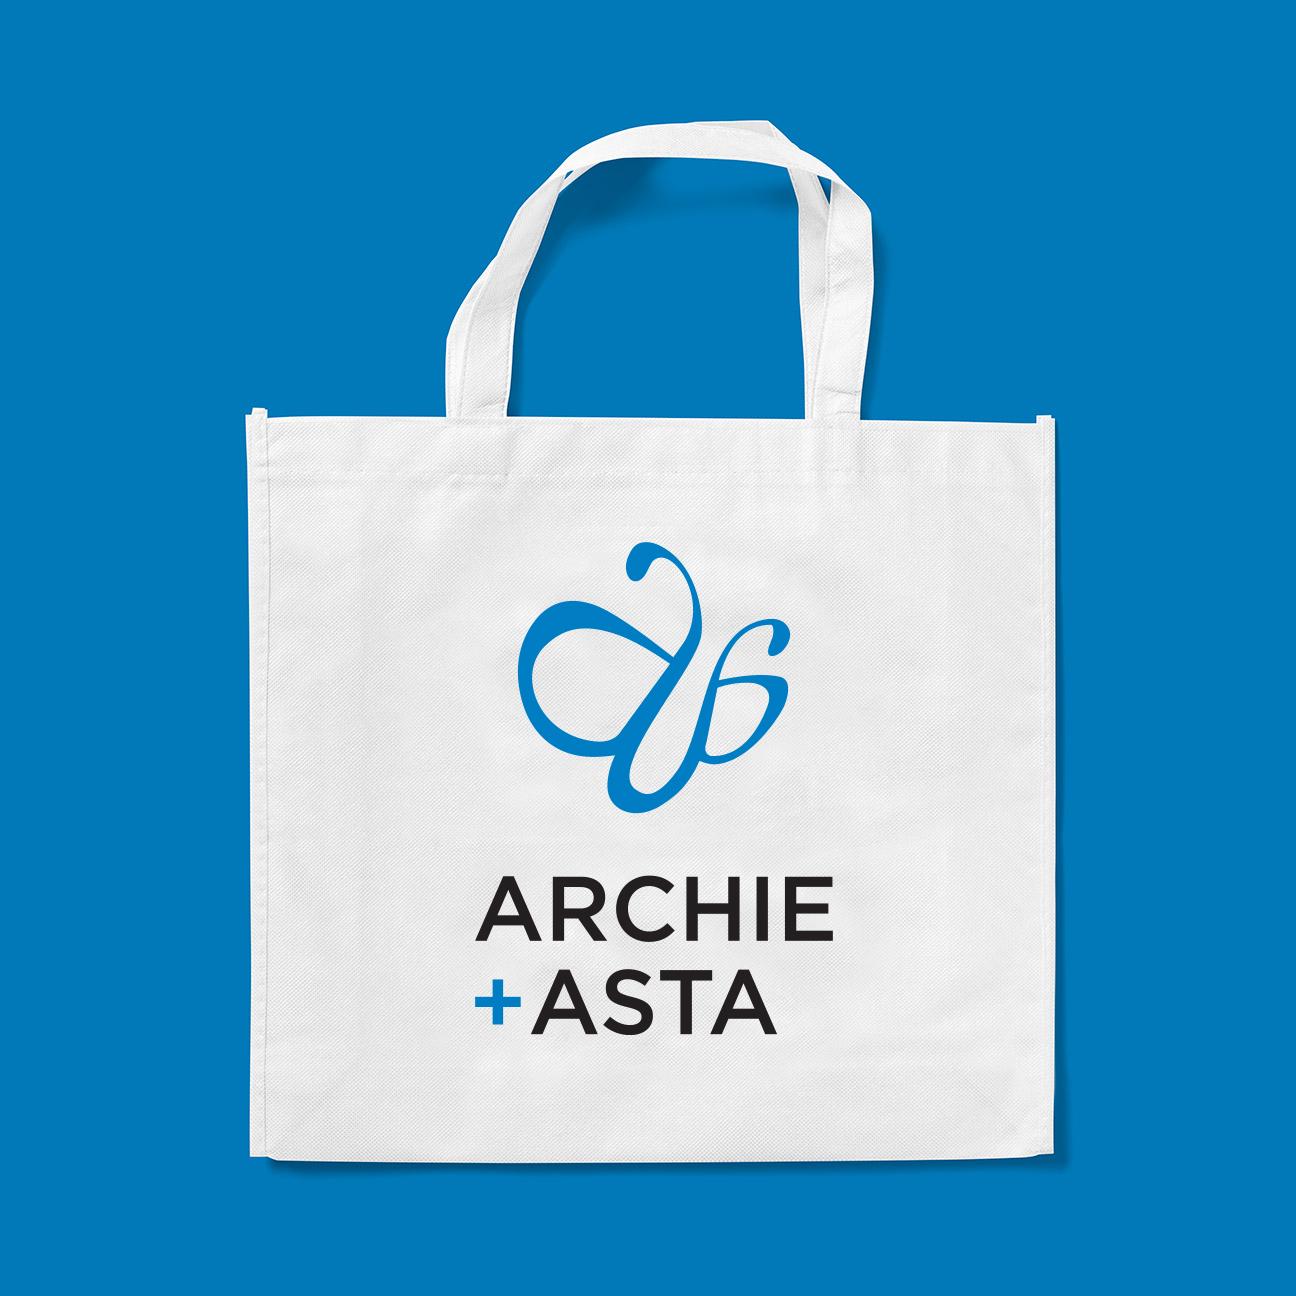 archie+asta-brand ID - Sean Geyer - designer